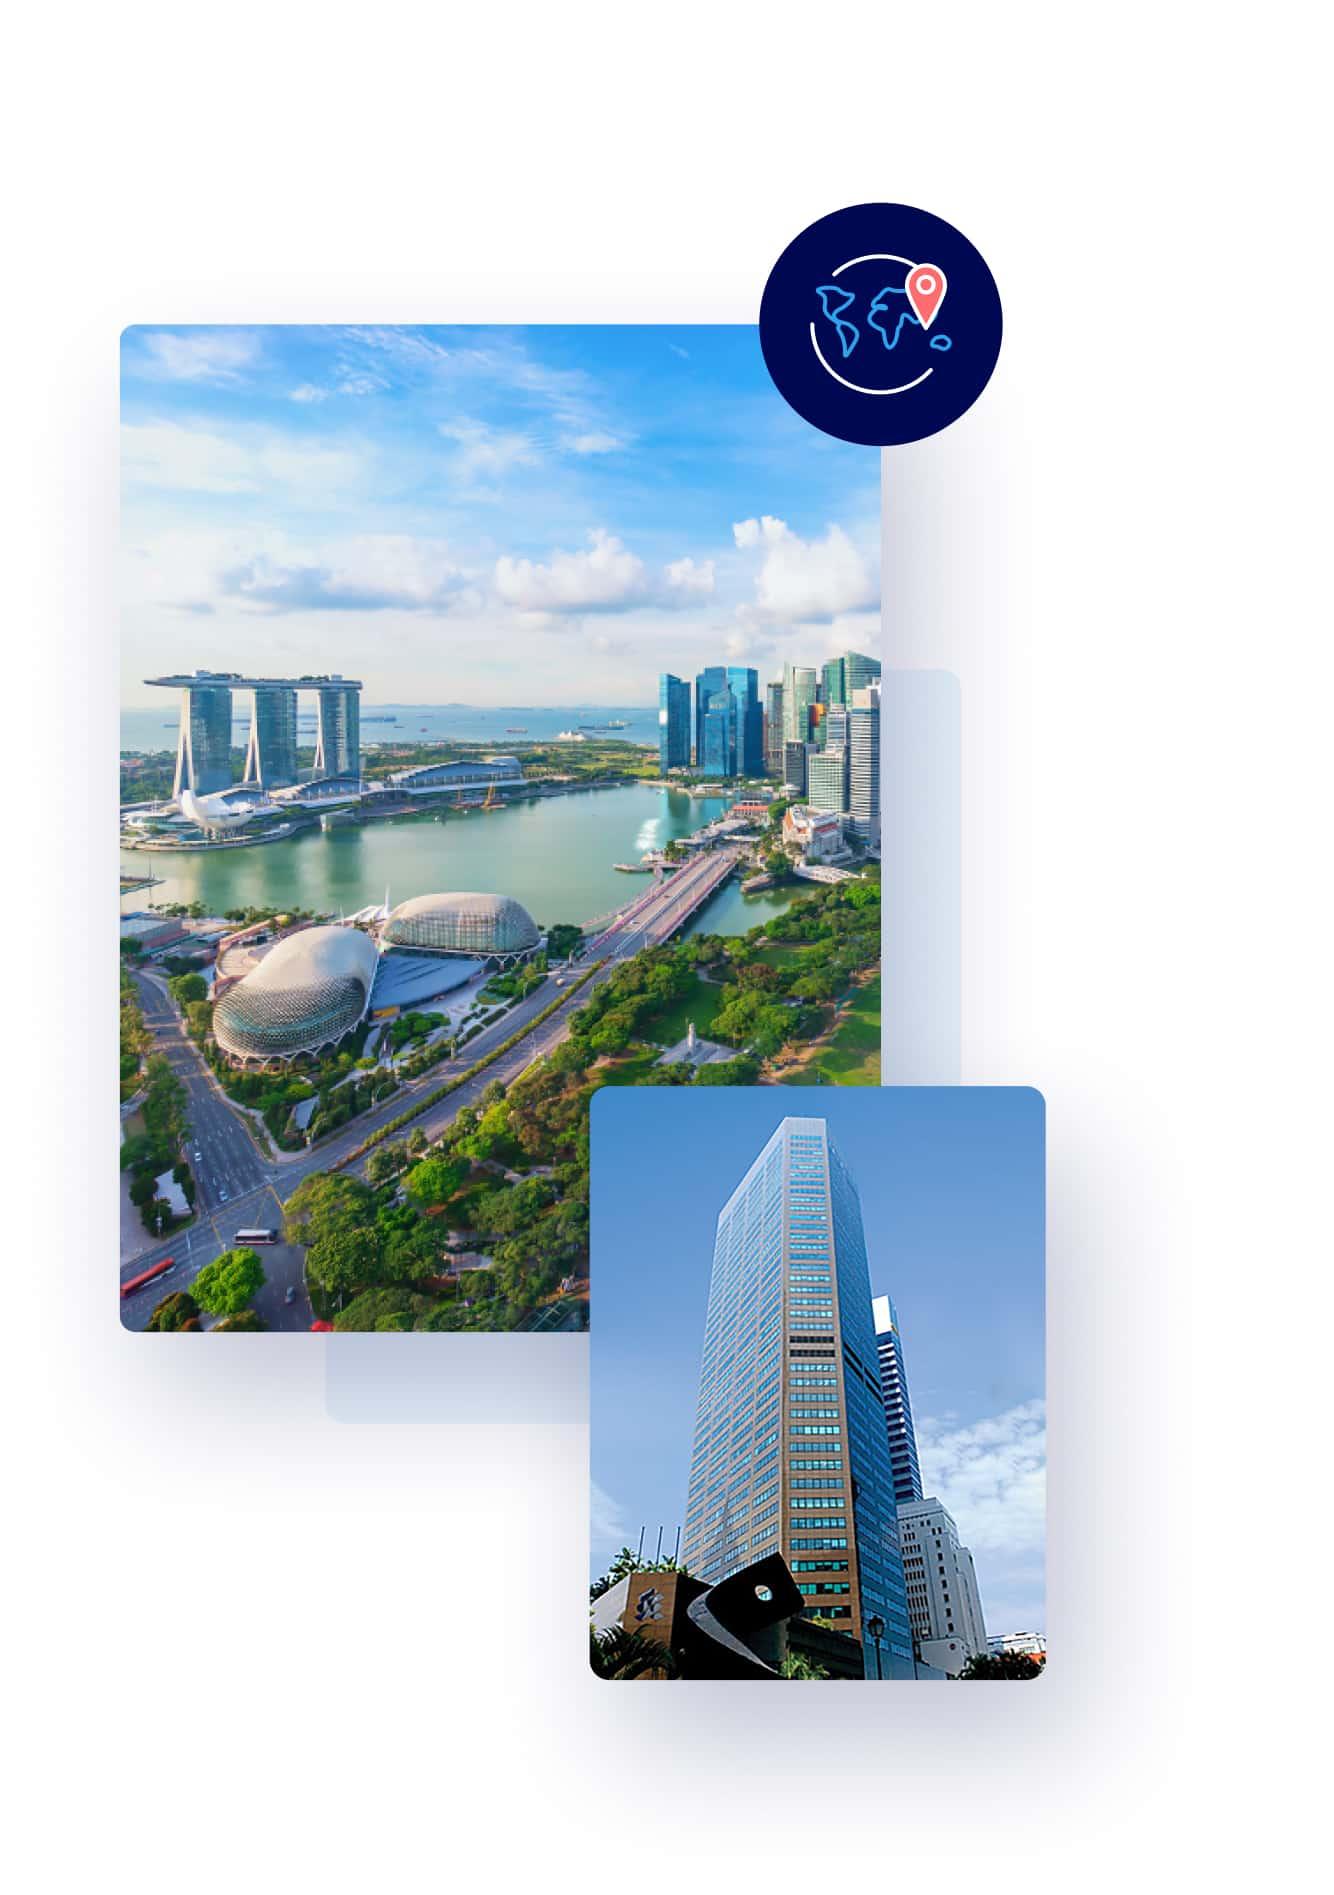 Incorporación de empleados a distancia en Singapur